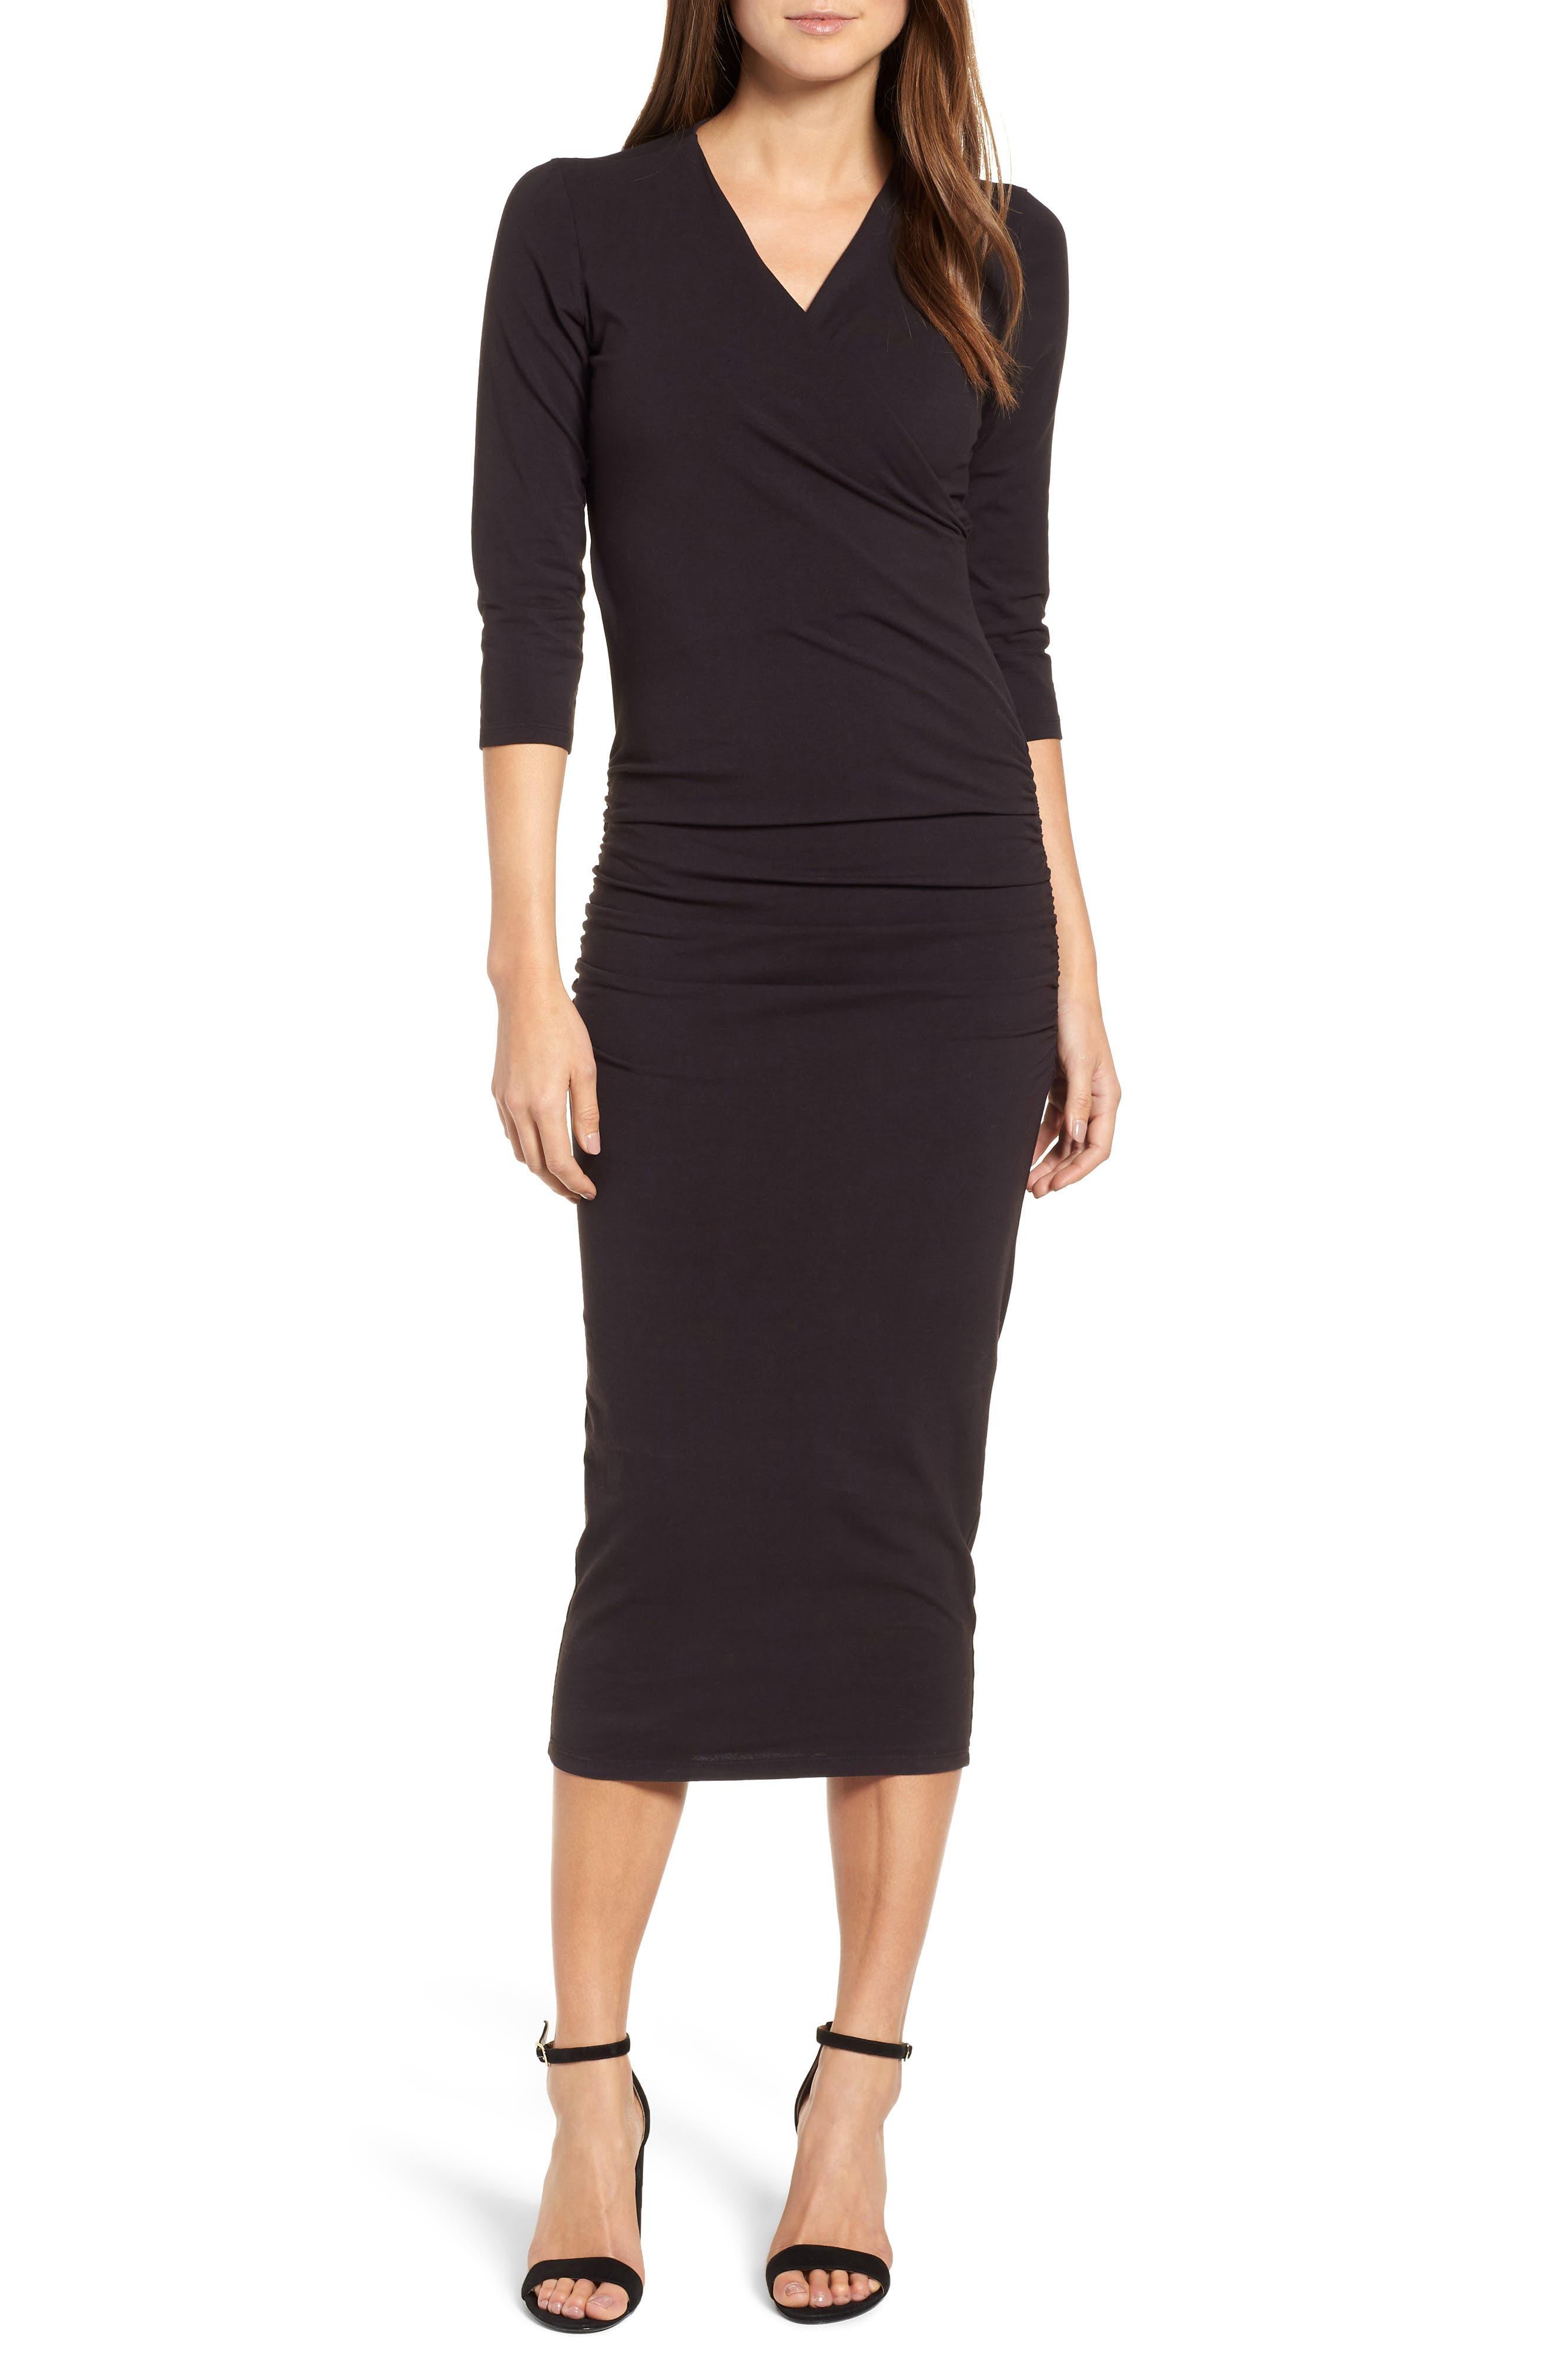 Ruched Surplice Stretch Cotton Body-Con Dress, Main, color, BLACK